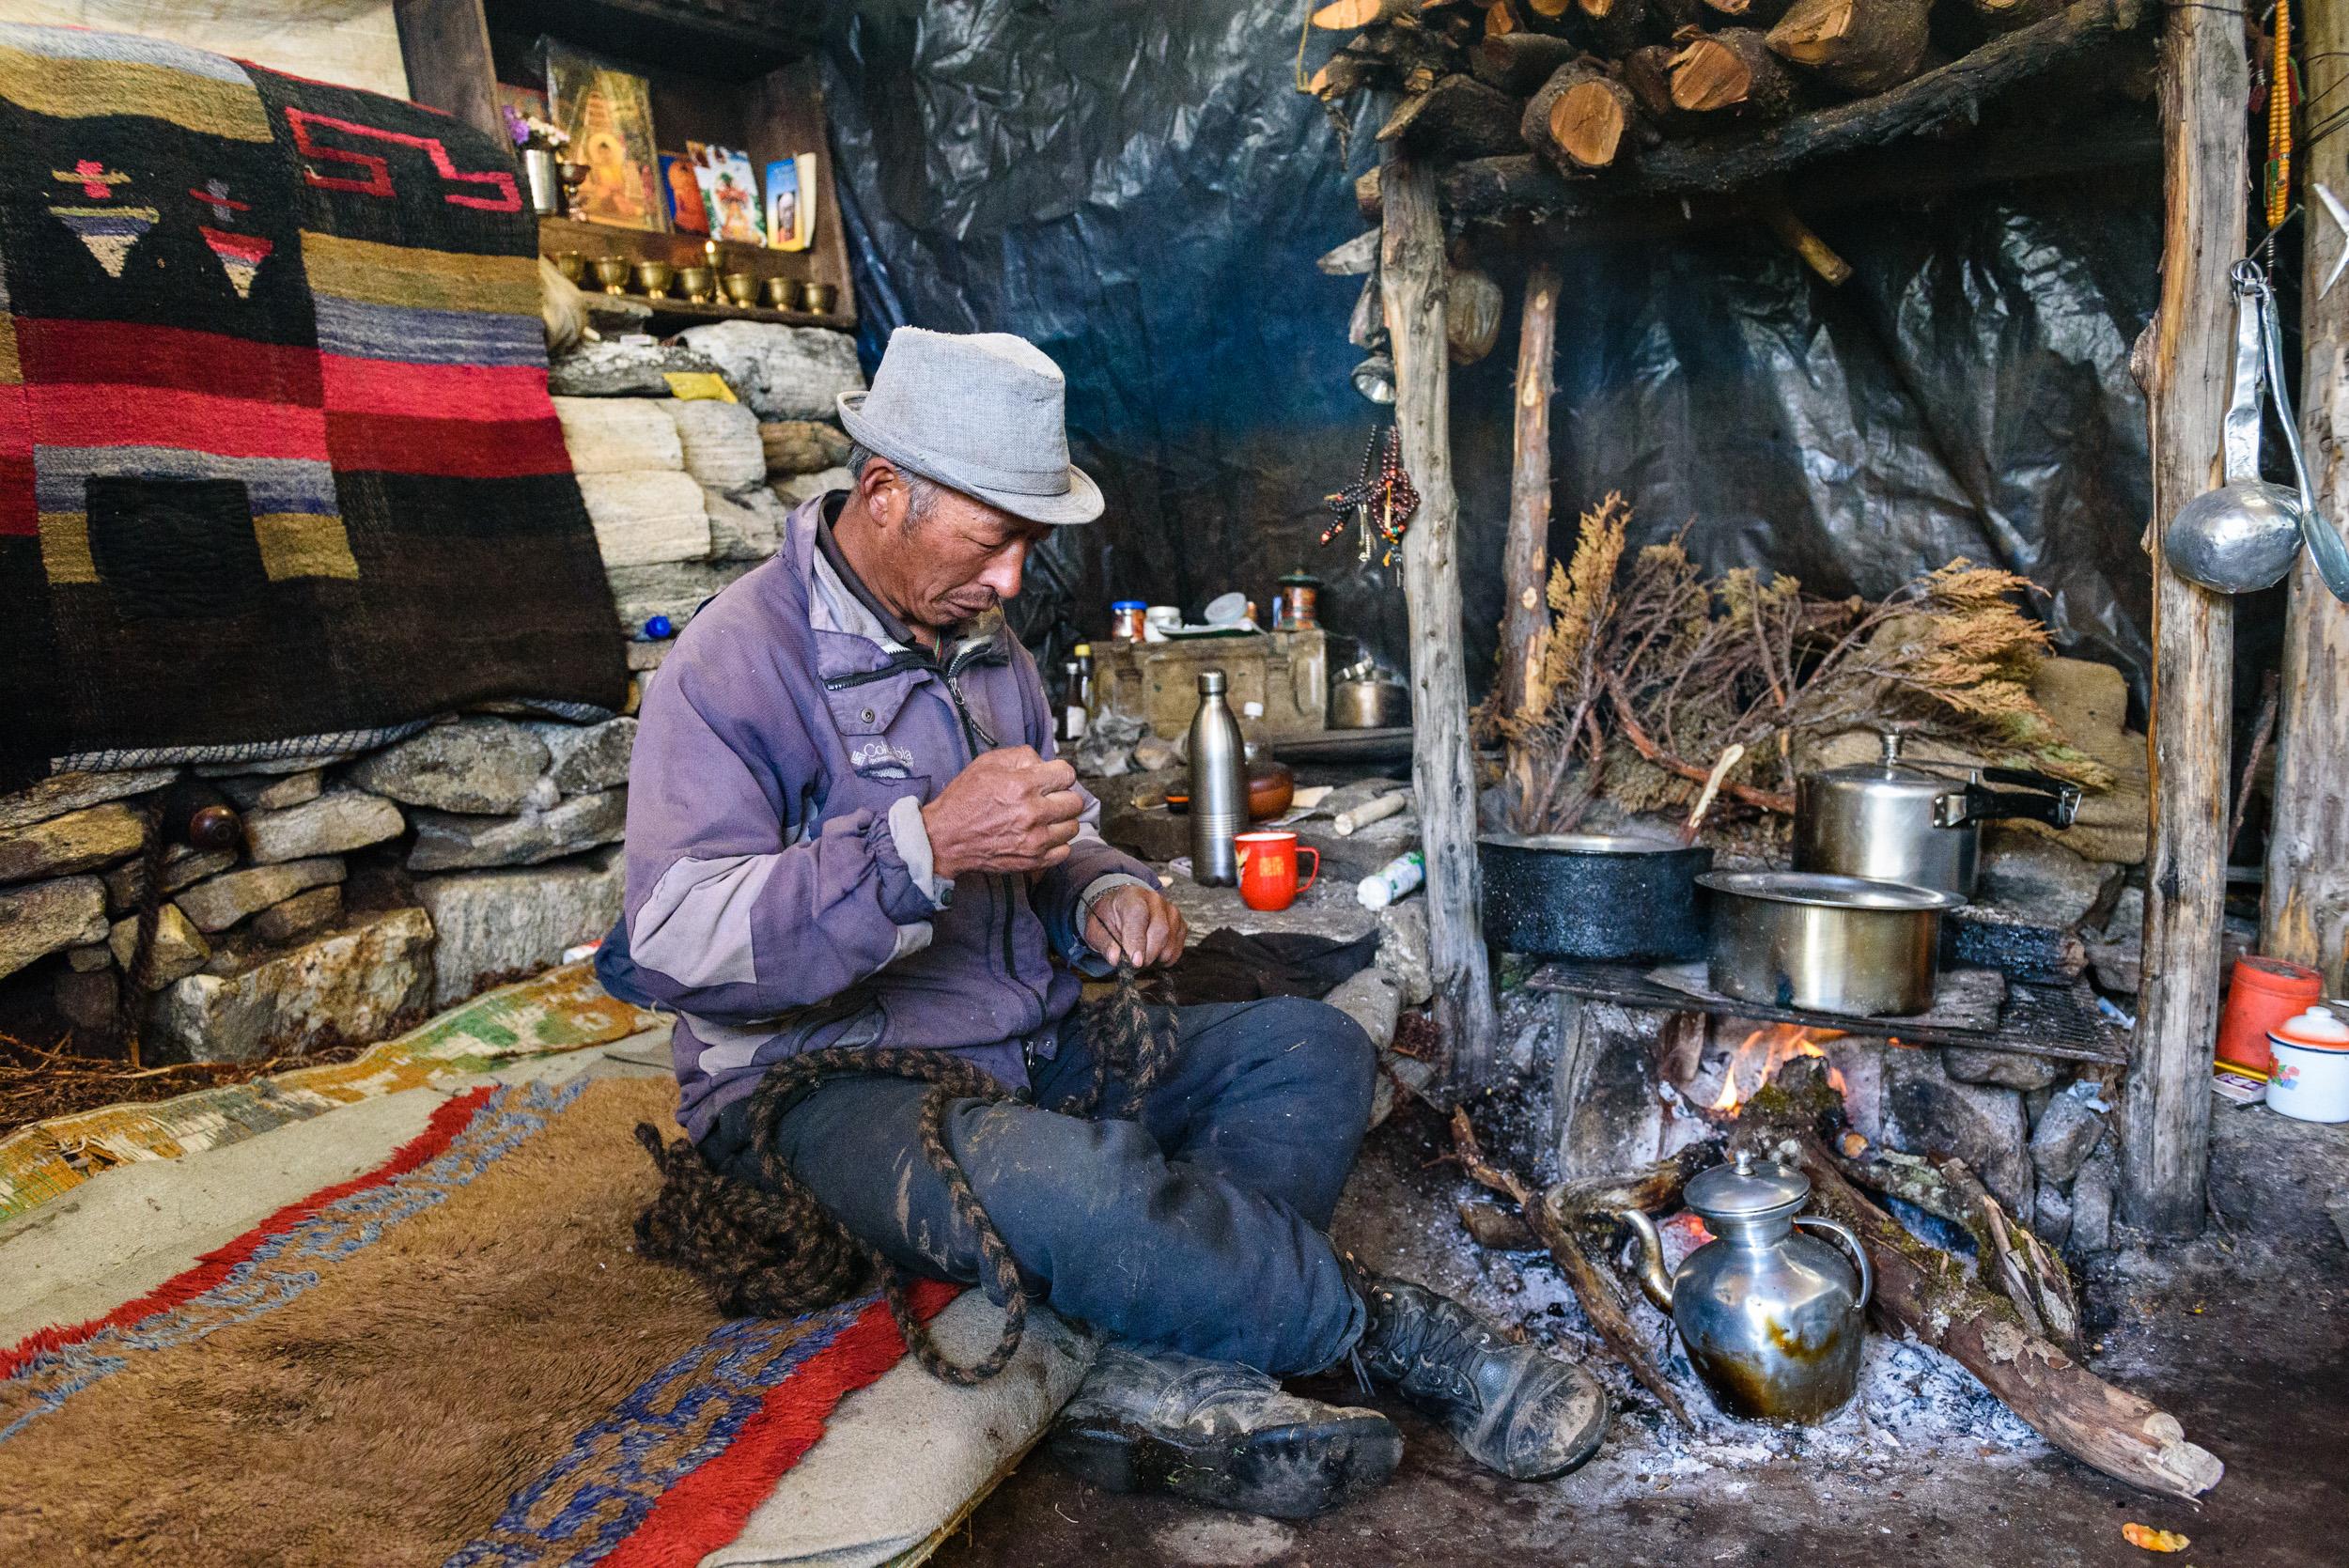 Dugya inside the hut, making a yak-hair rope.